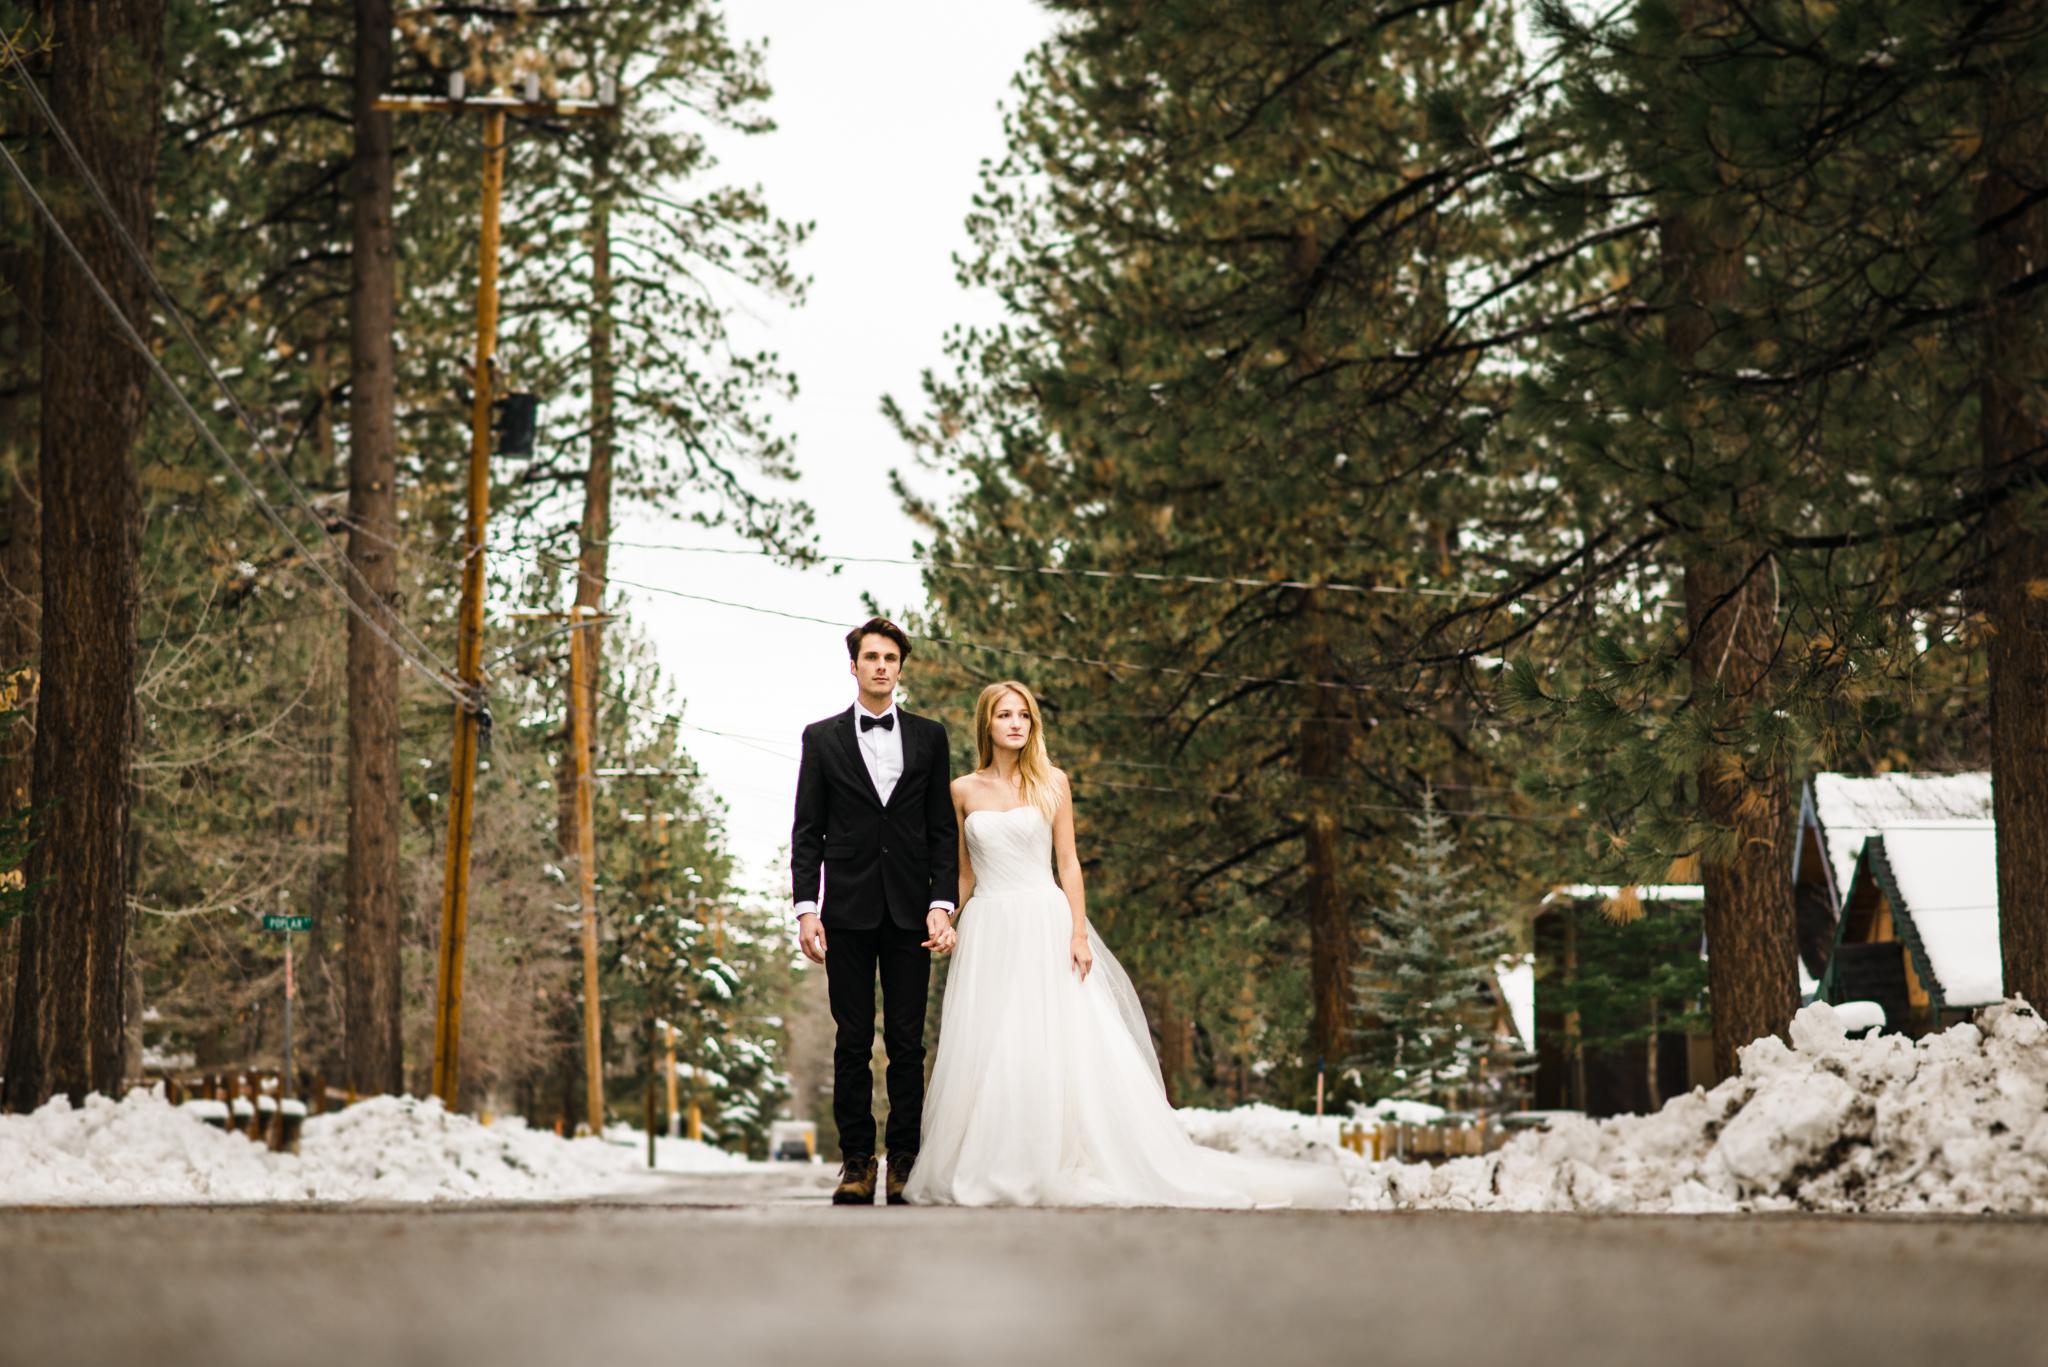 ©Isaiah & Taylor Photography - Ben & Kadin Honeymoon-012.jpg